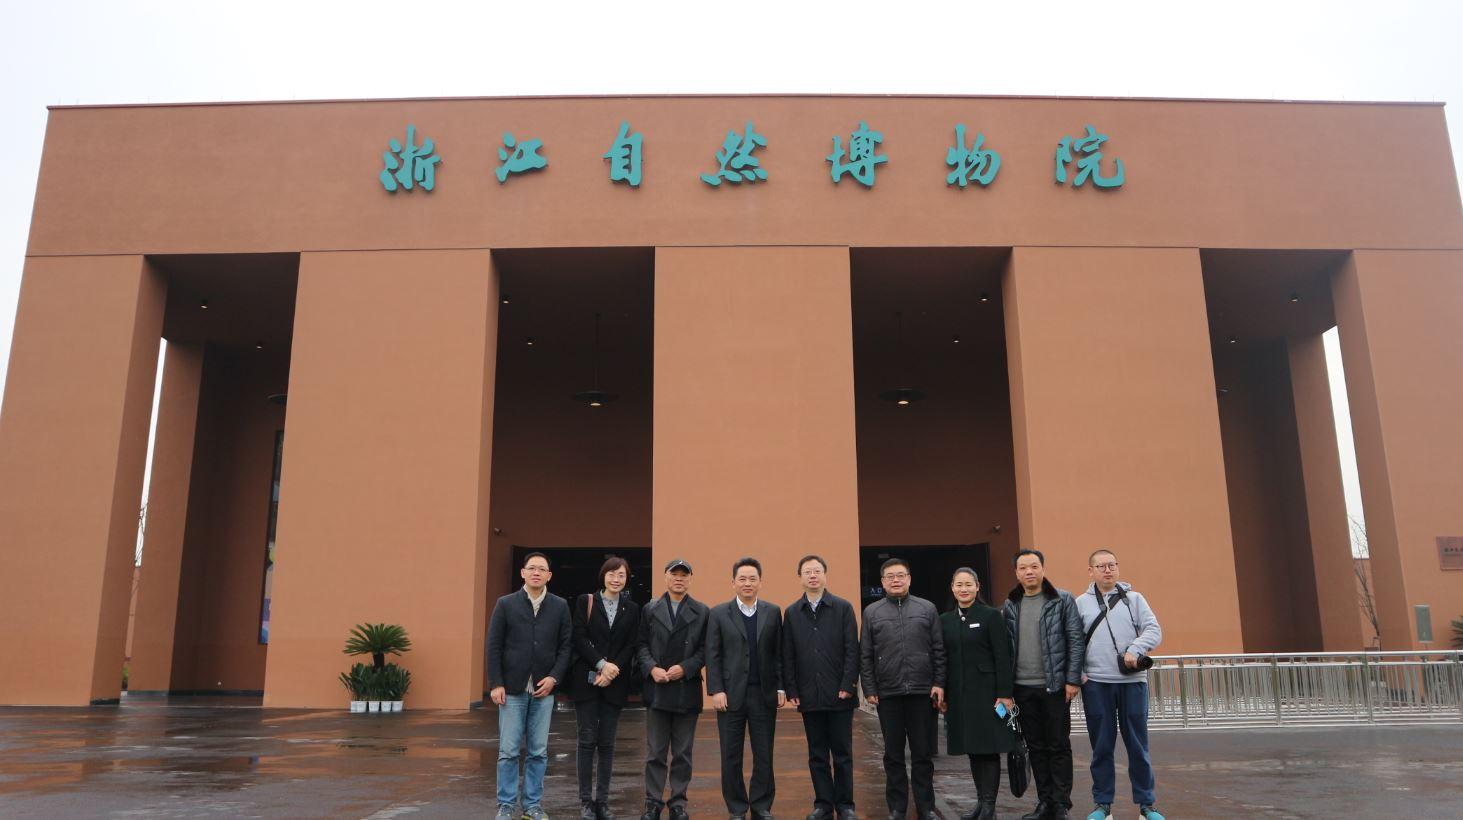 深圳西安博物馆馆长何周德设计了半坡馆的展陈肯定,吸取该设计认为了.园林景观设计公司安吉图片